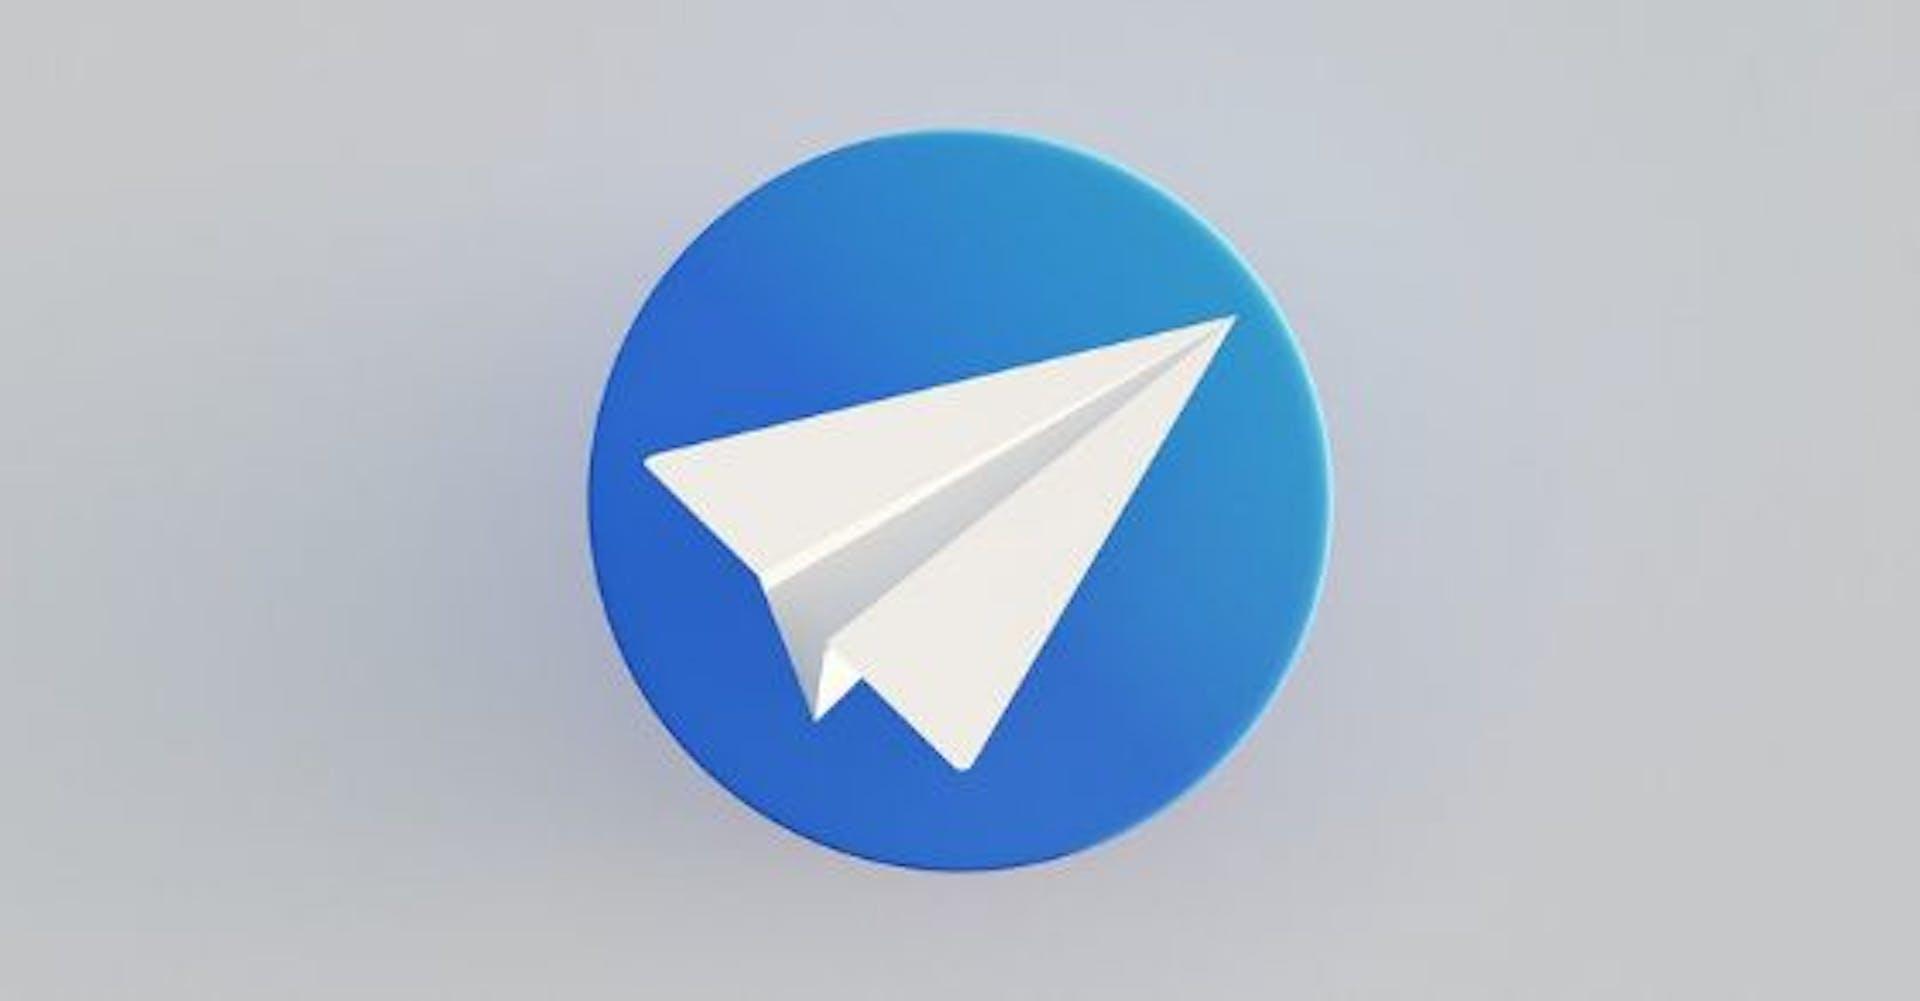 Descubre qué es Telegram: sus chats secretos te hará olvidar a WhatsApp para siempre